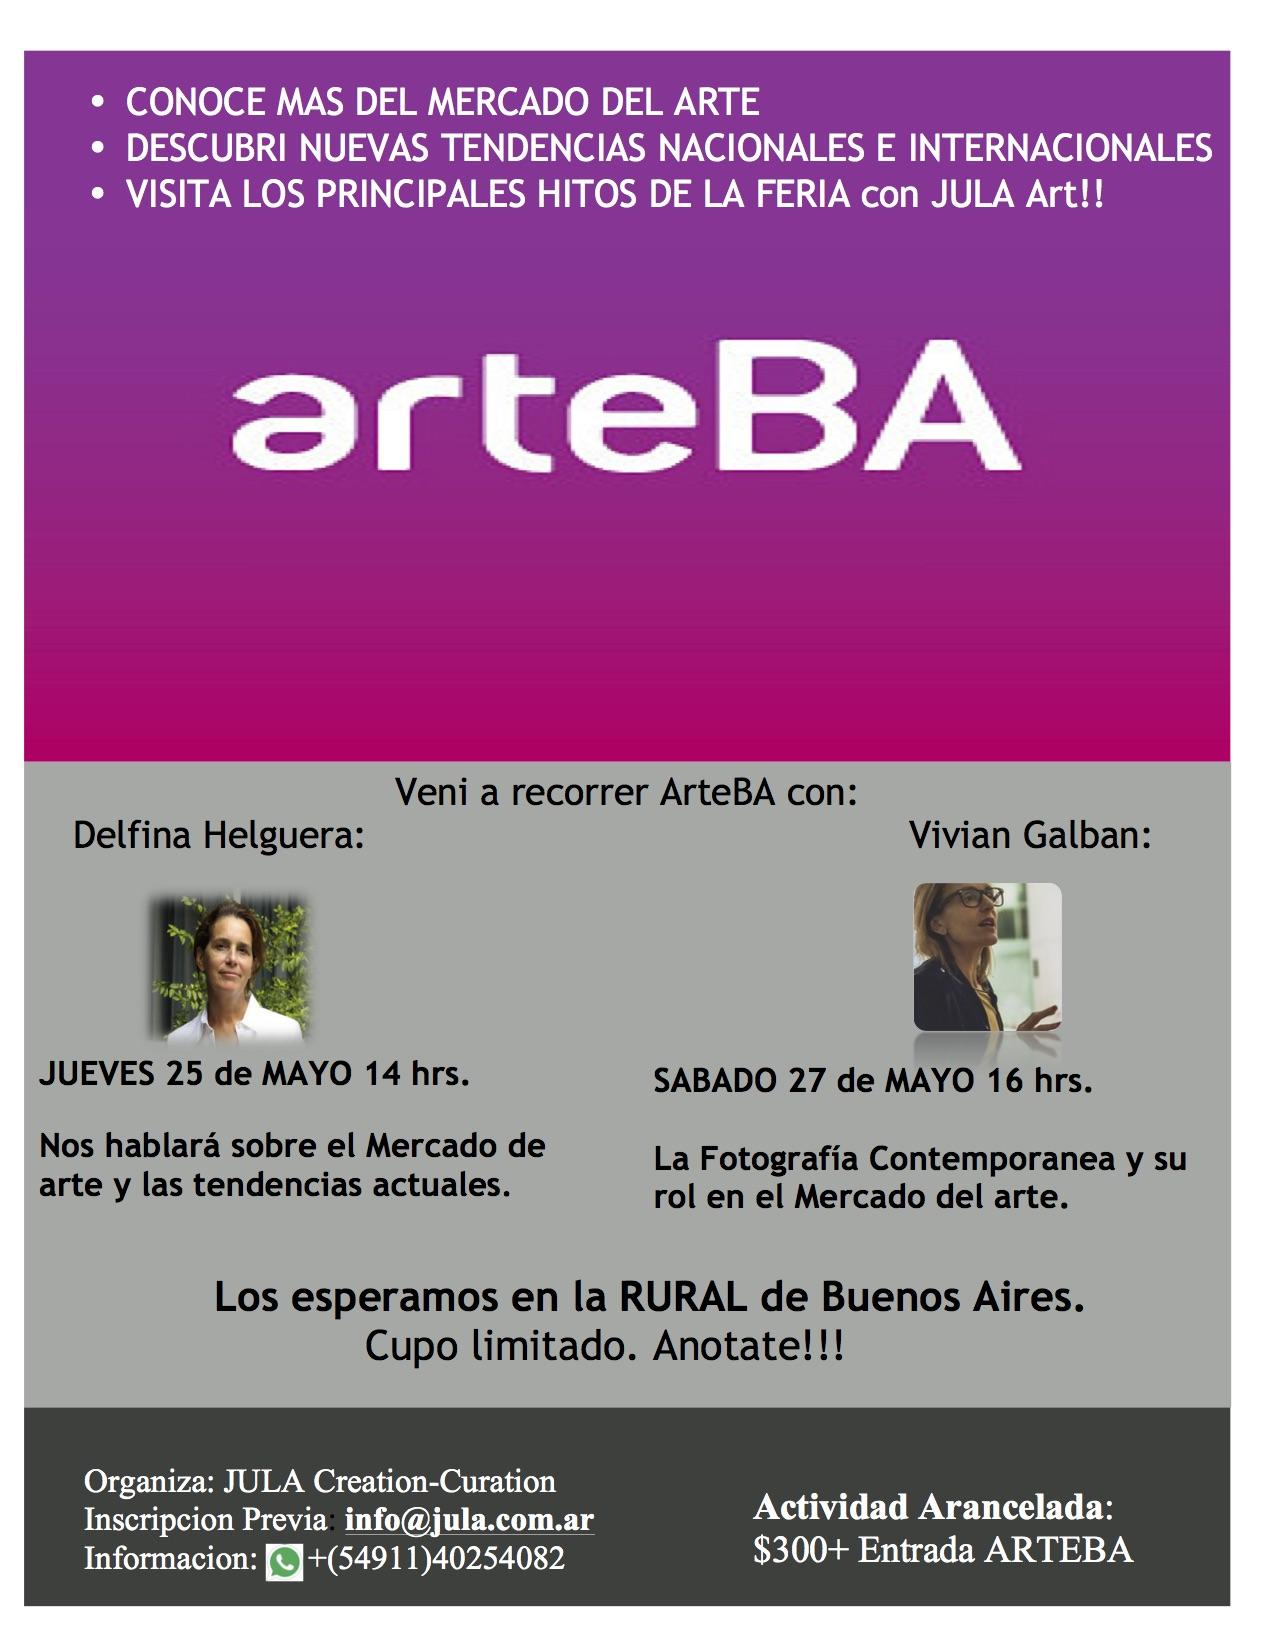 ArteBA2017+JULA Art+Visitas Guiadas+Mercado de arte+Tendencias nuevas+Fotografía contemporánea.